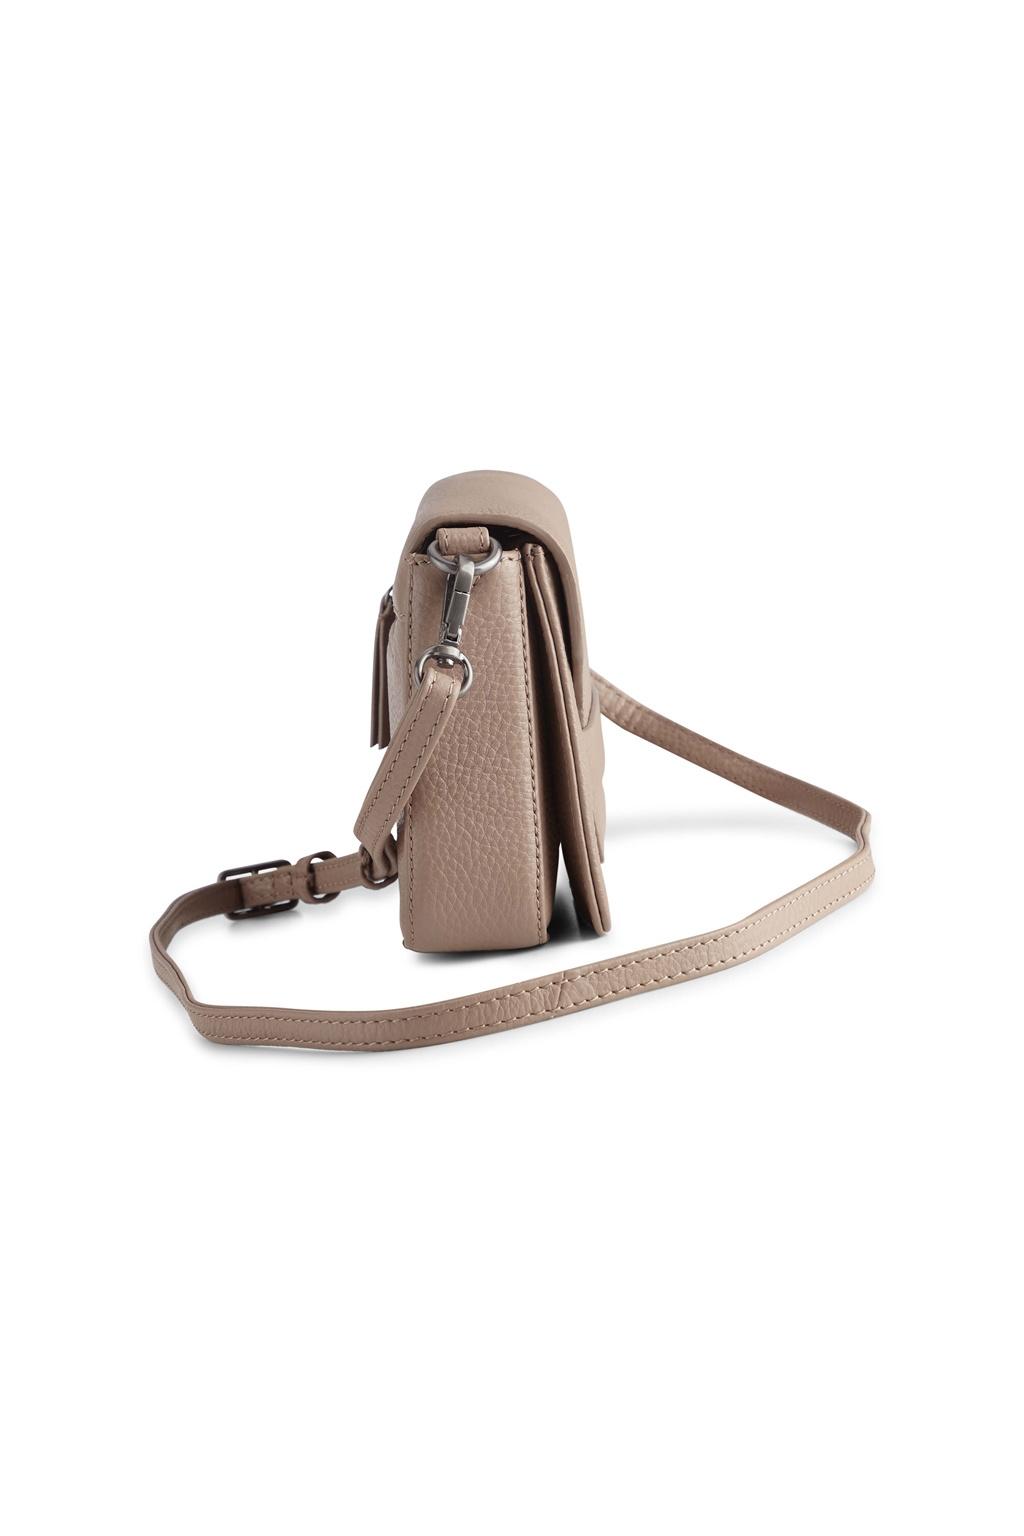 Vanya Crossbody Bag Grain - Latte-3